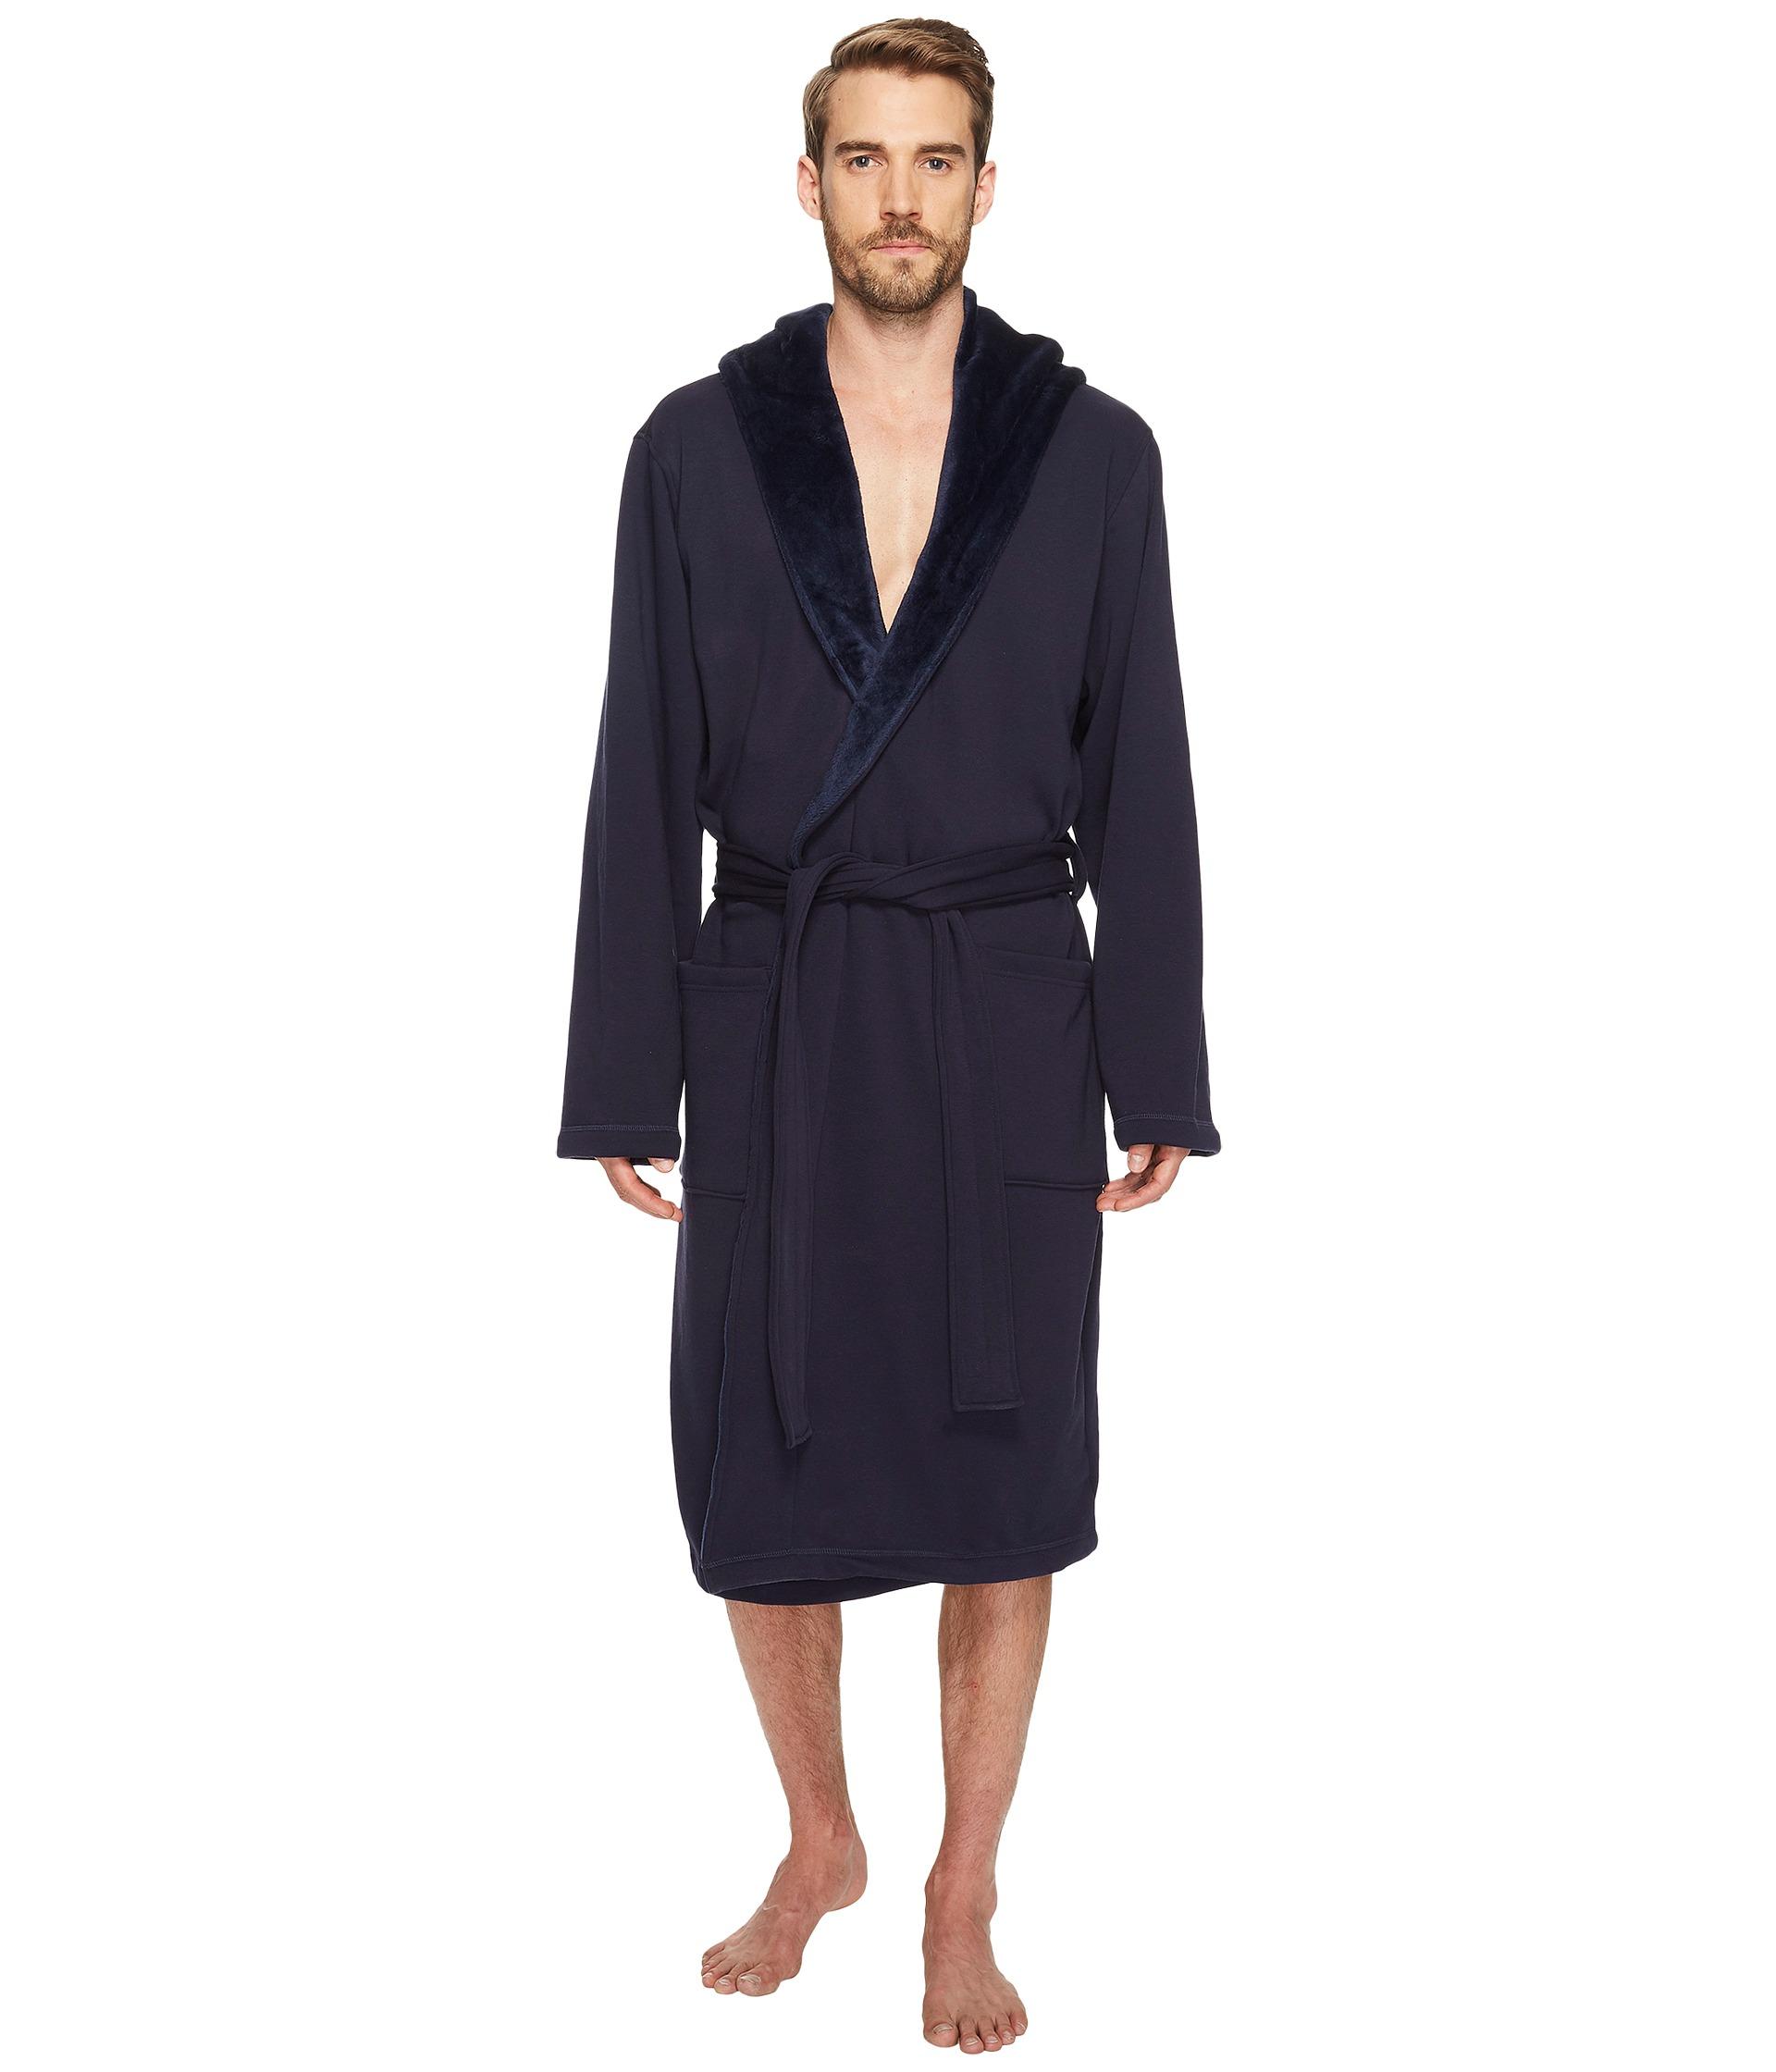 Robe Australia: Ugg Australia Mens Brunswick Robe